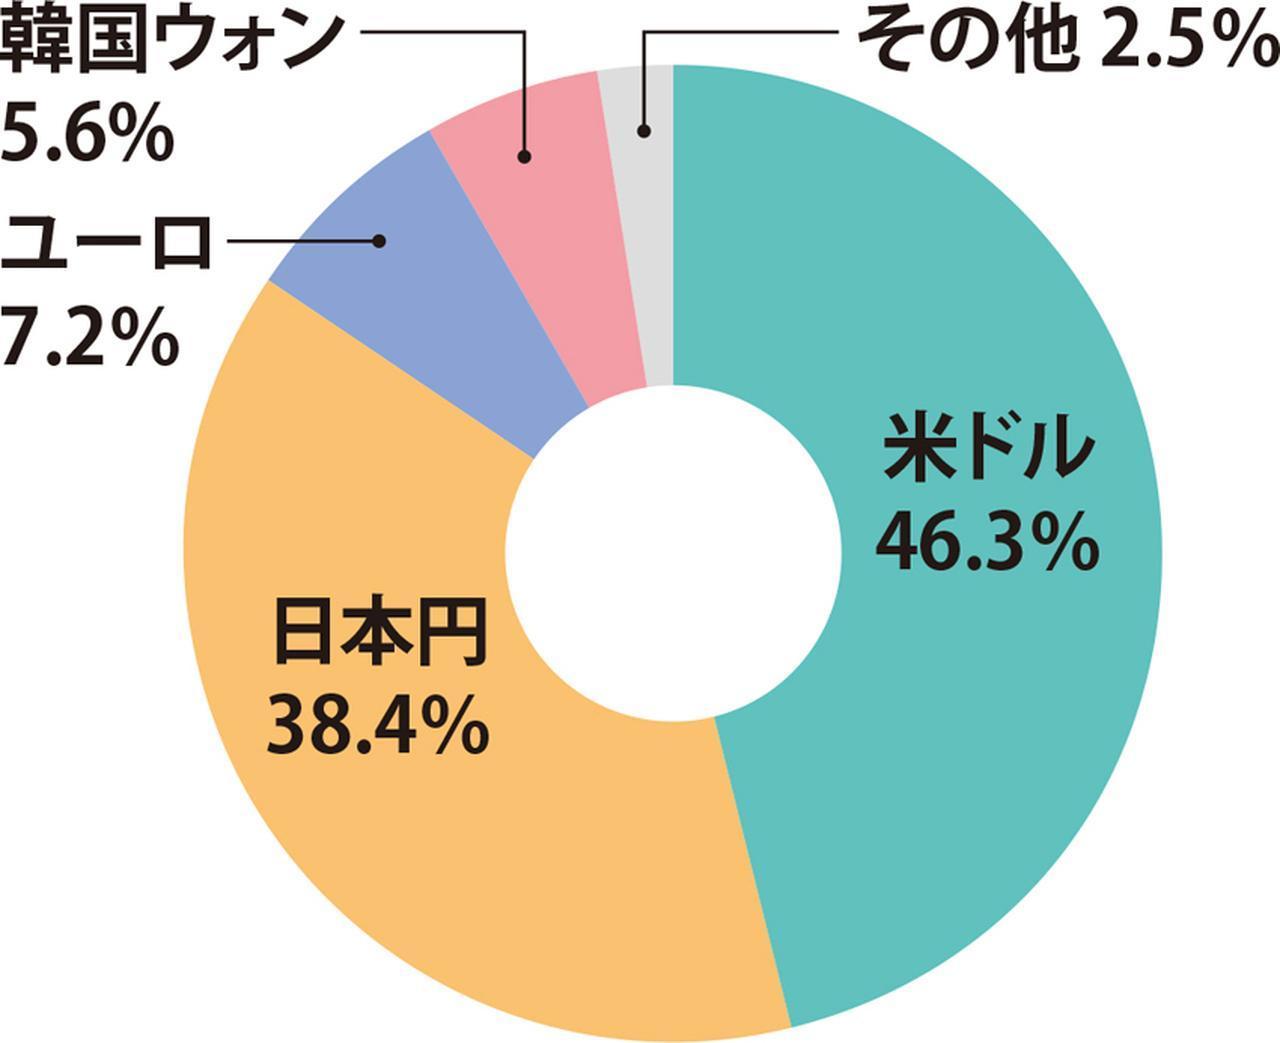 画像: 全通貨の取引に対する日本円の割合はおおよそ4〜5割程度(ブルームバーグ集計の1月10日時点のデータを基に編集部で作成)。